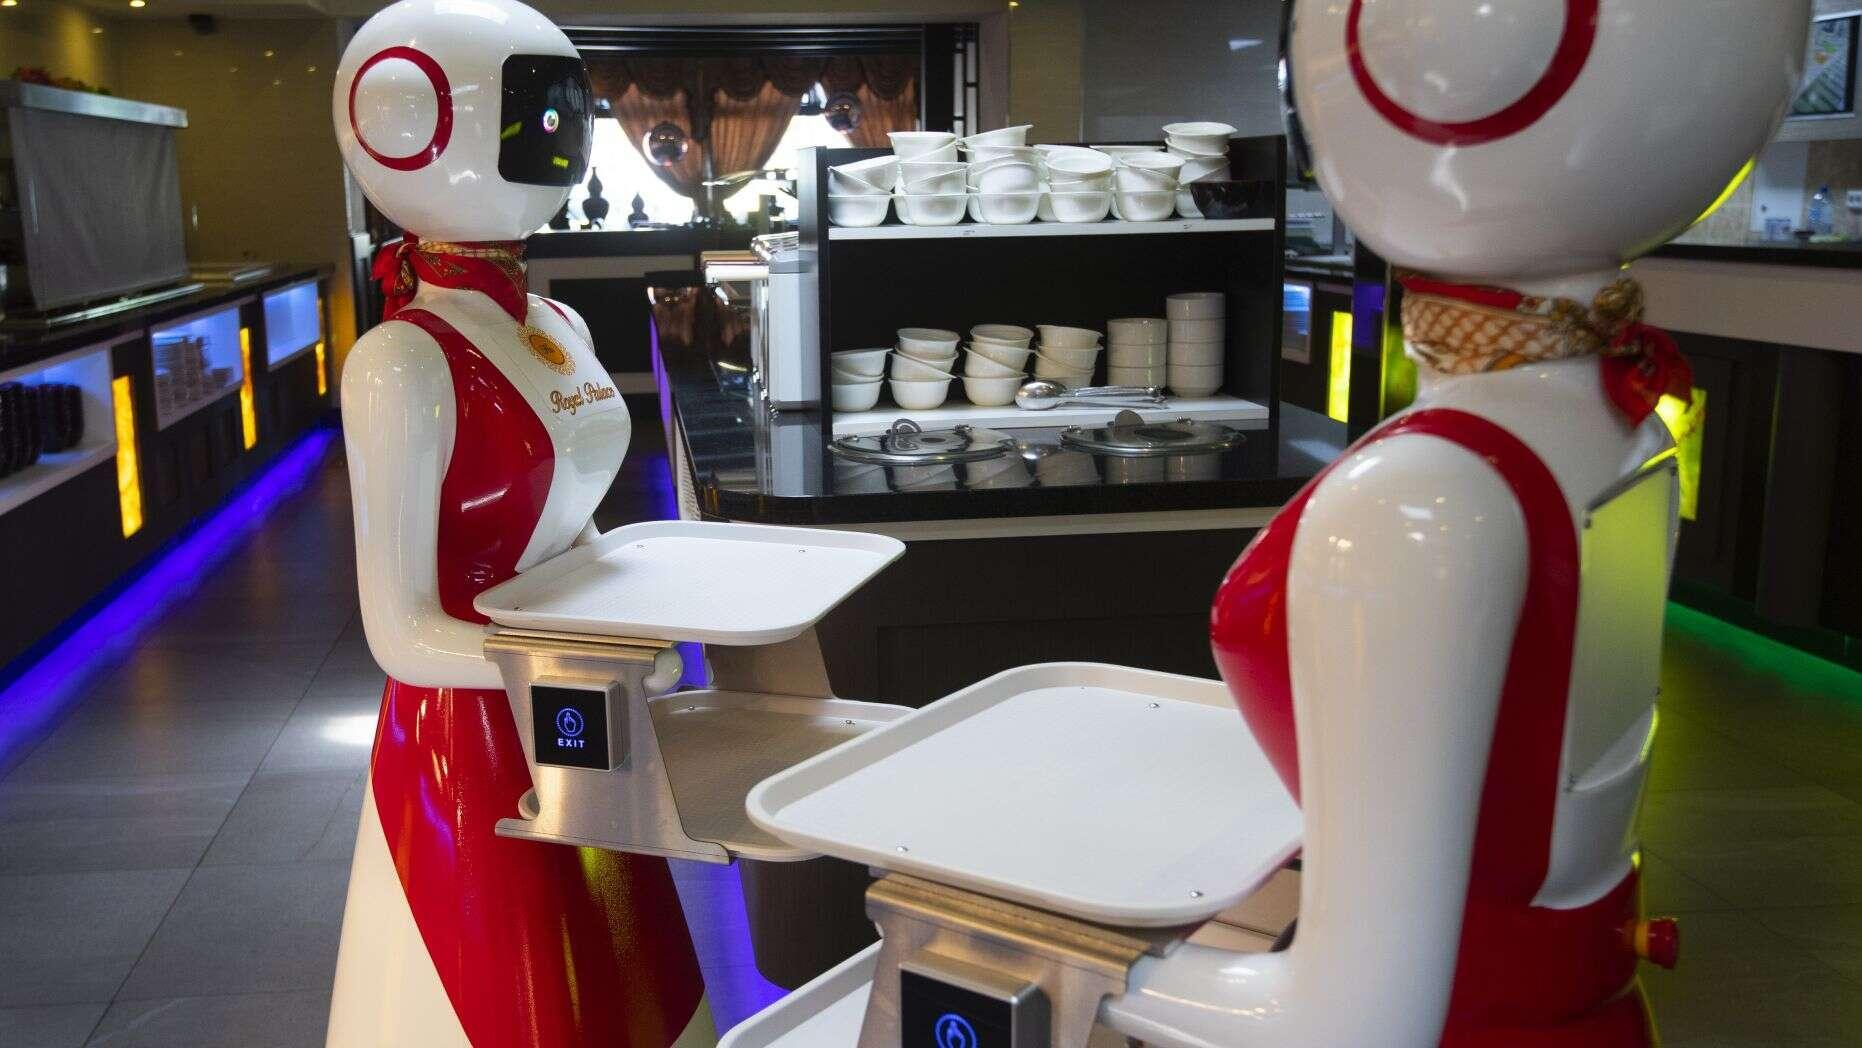 Robot phục vụ thực khách tại nhà hàng ở Hà Lan Ảnh 2